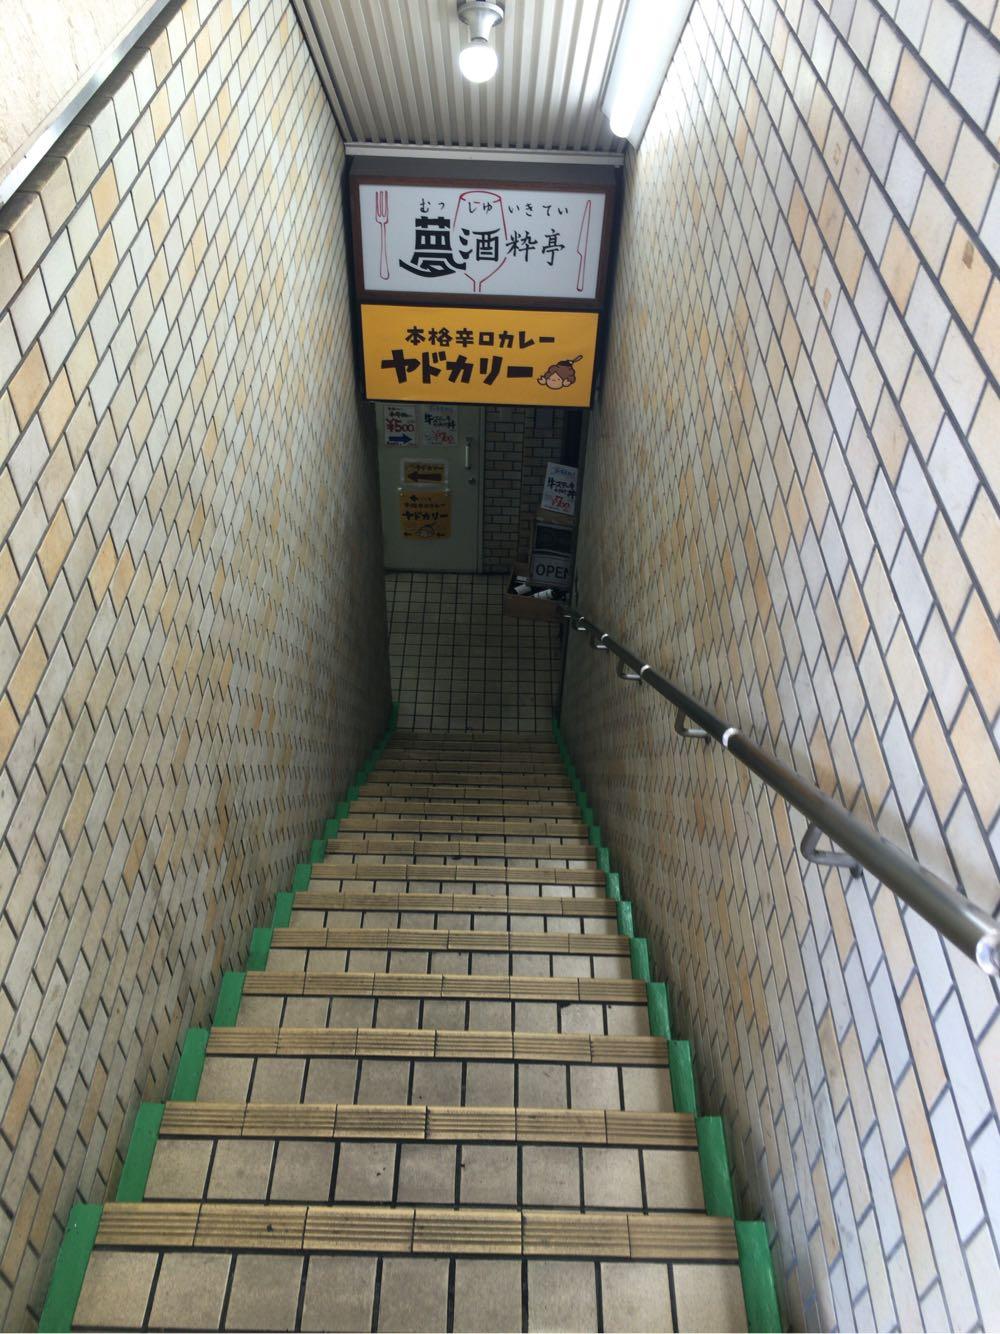 ヤドカリーへ行く階段